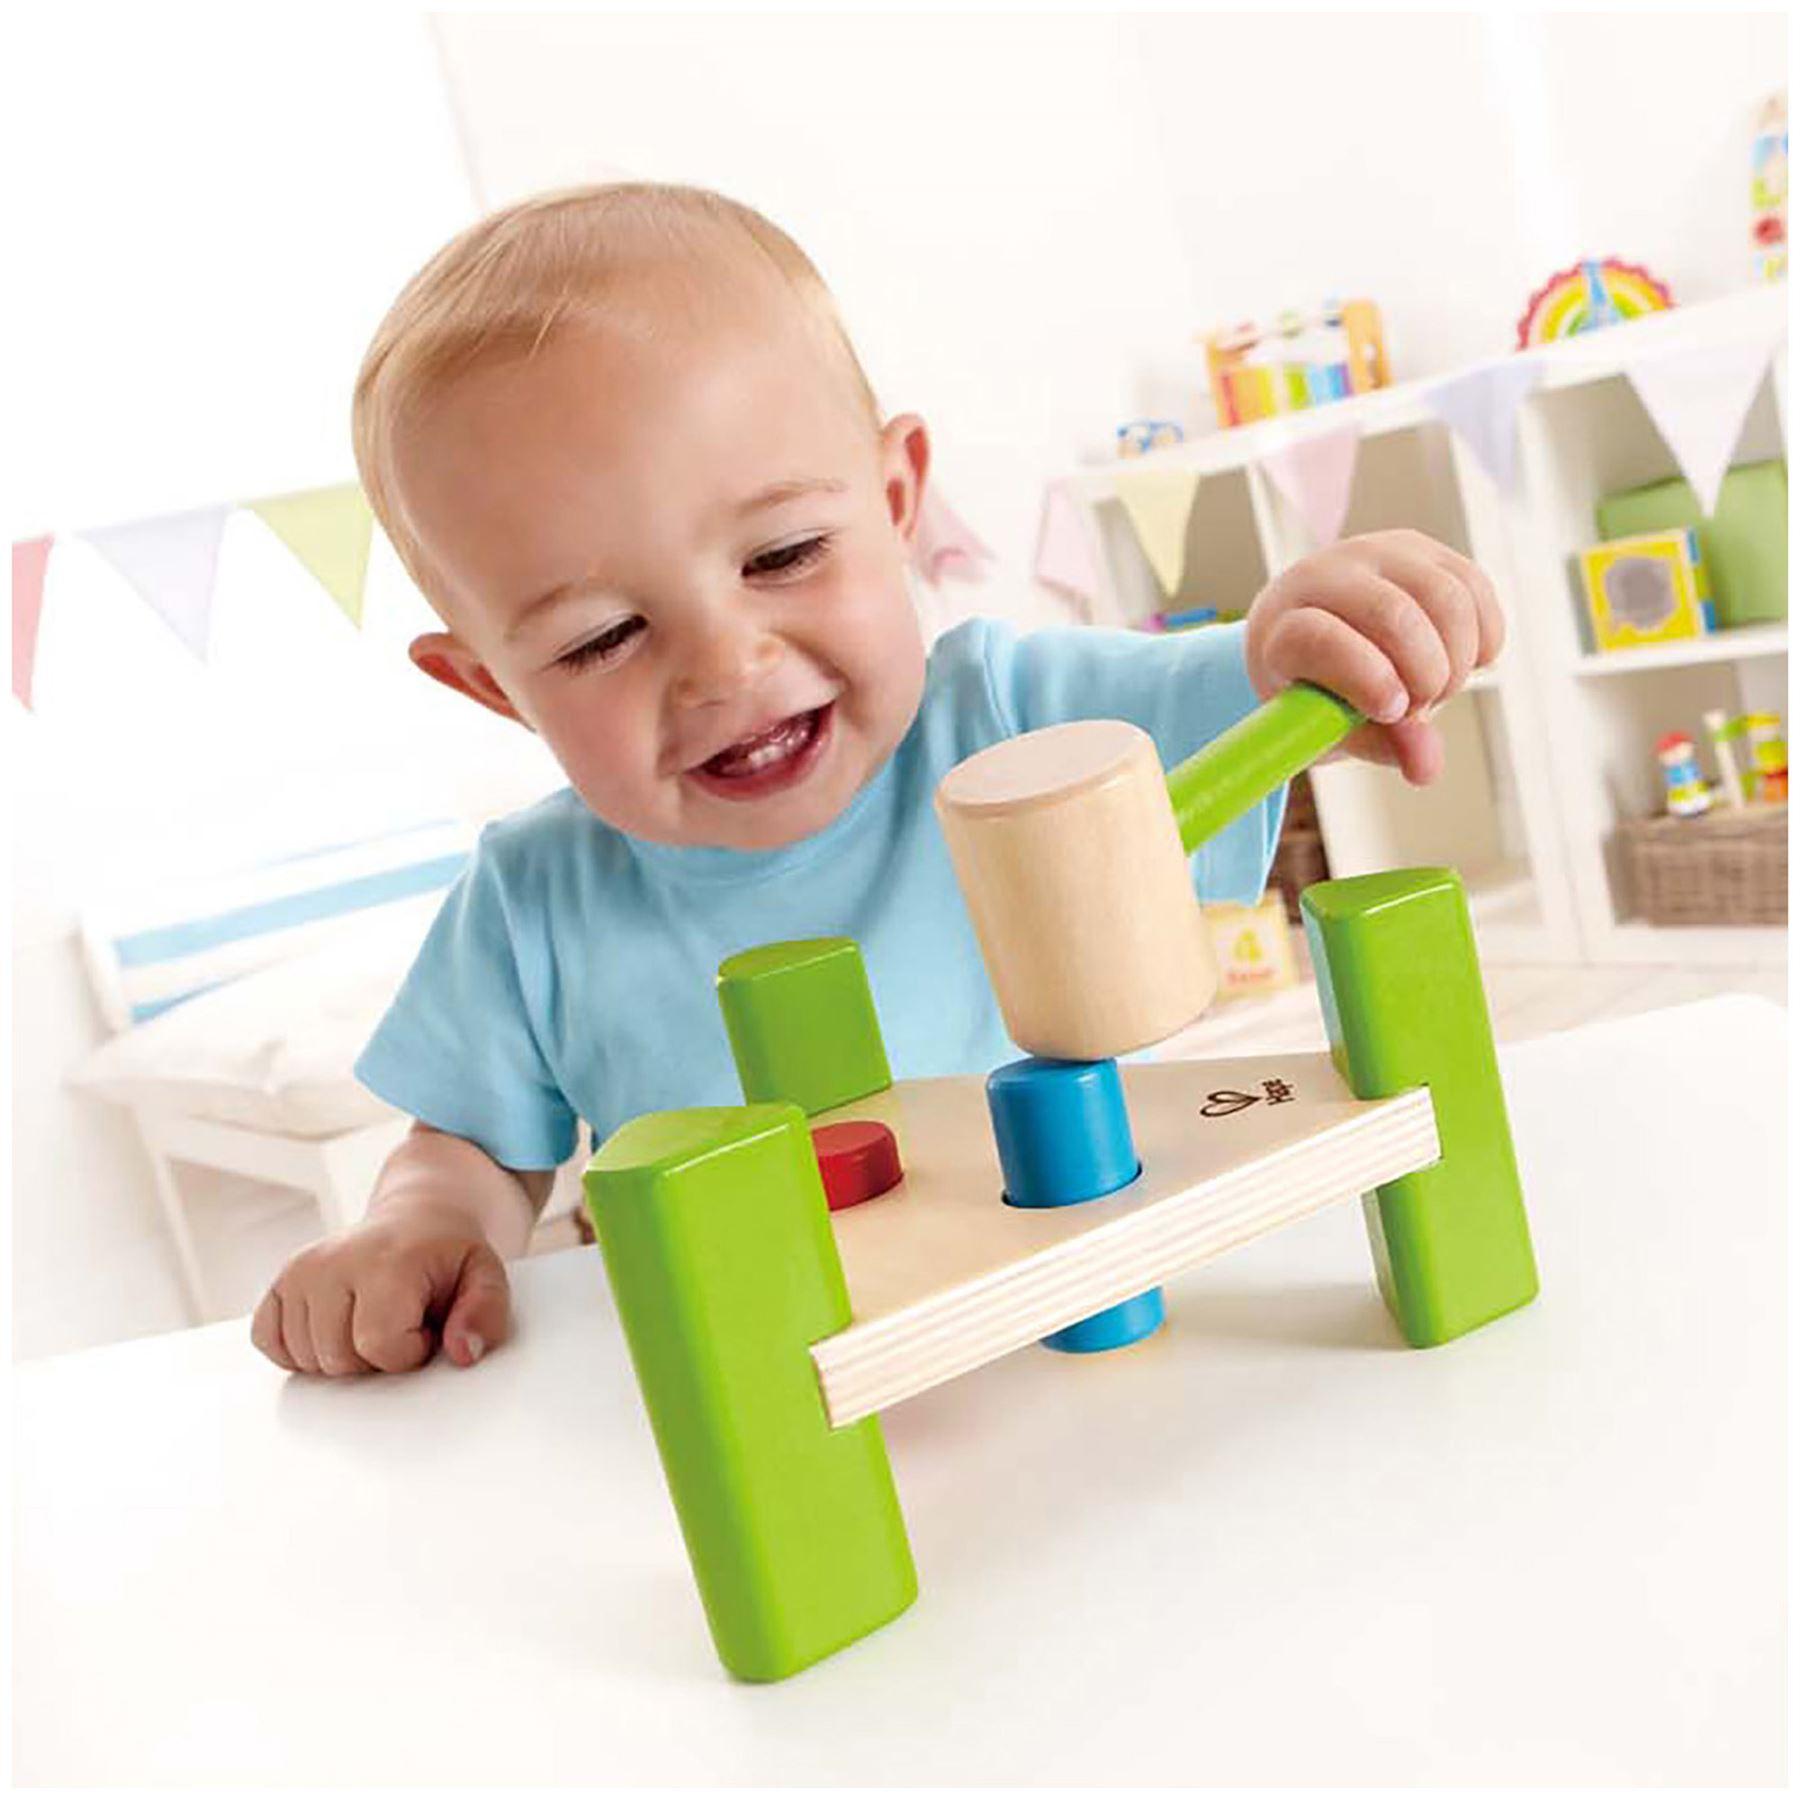 Hape Rhythm Set Pre-schule Junge Kinder Spielzeug-spiel Neu Baby